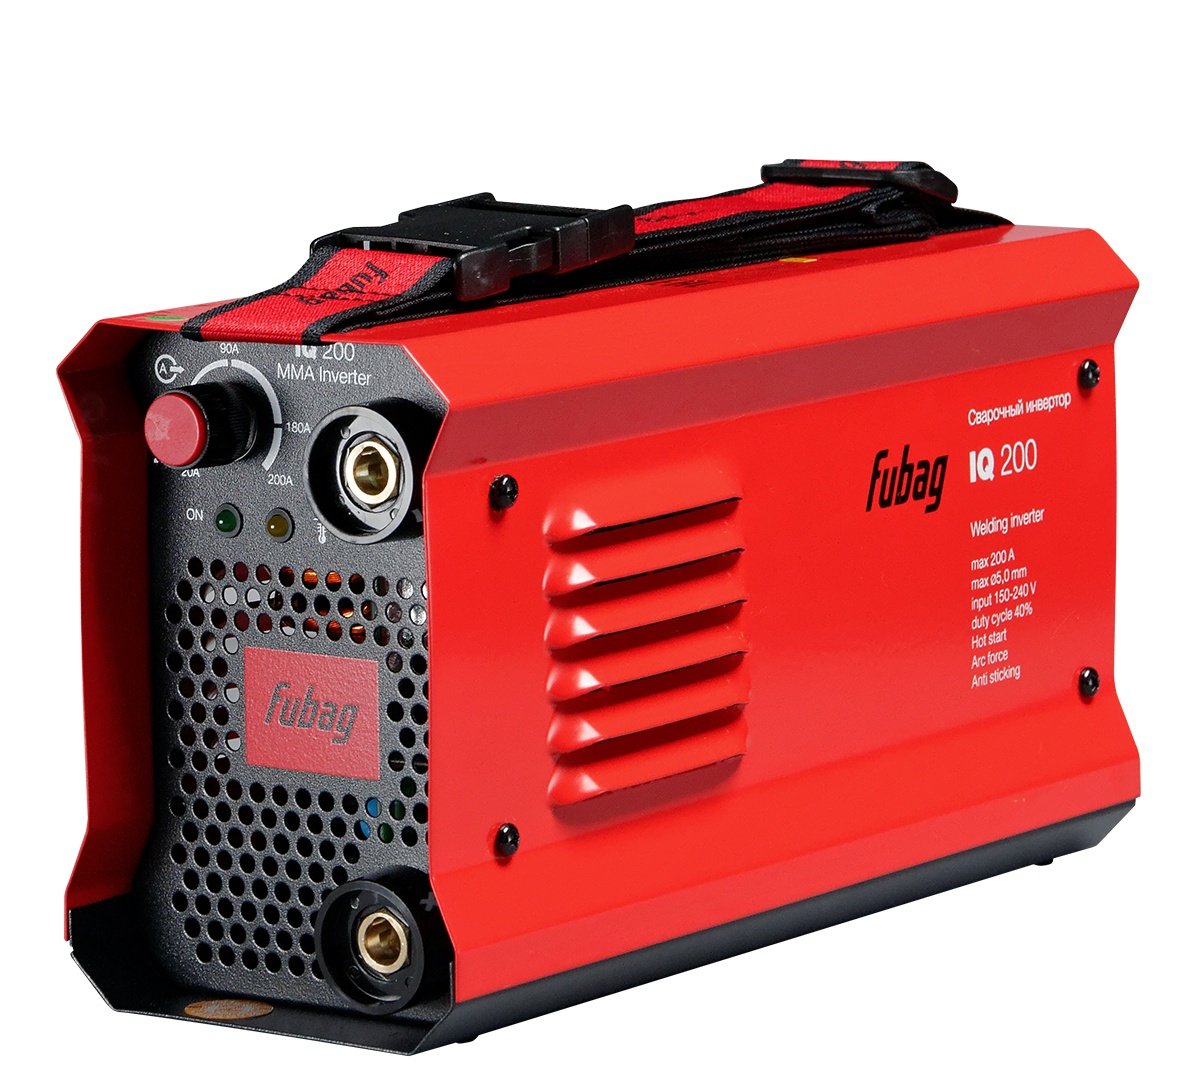 Сварочный аппарат FUBAG IQ 200, красный, черный